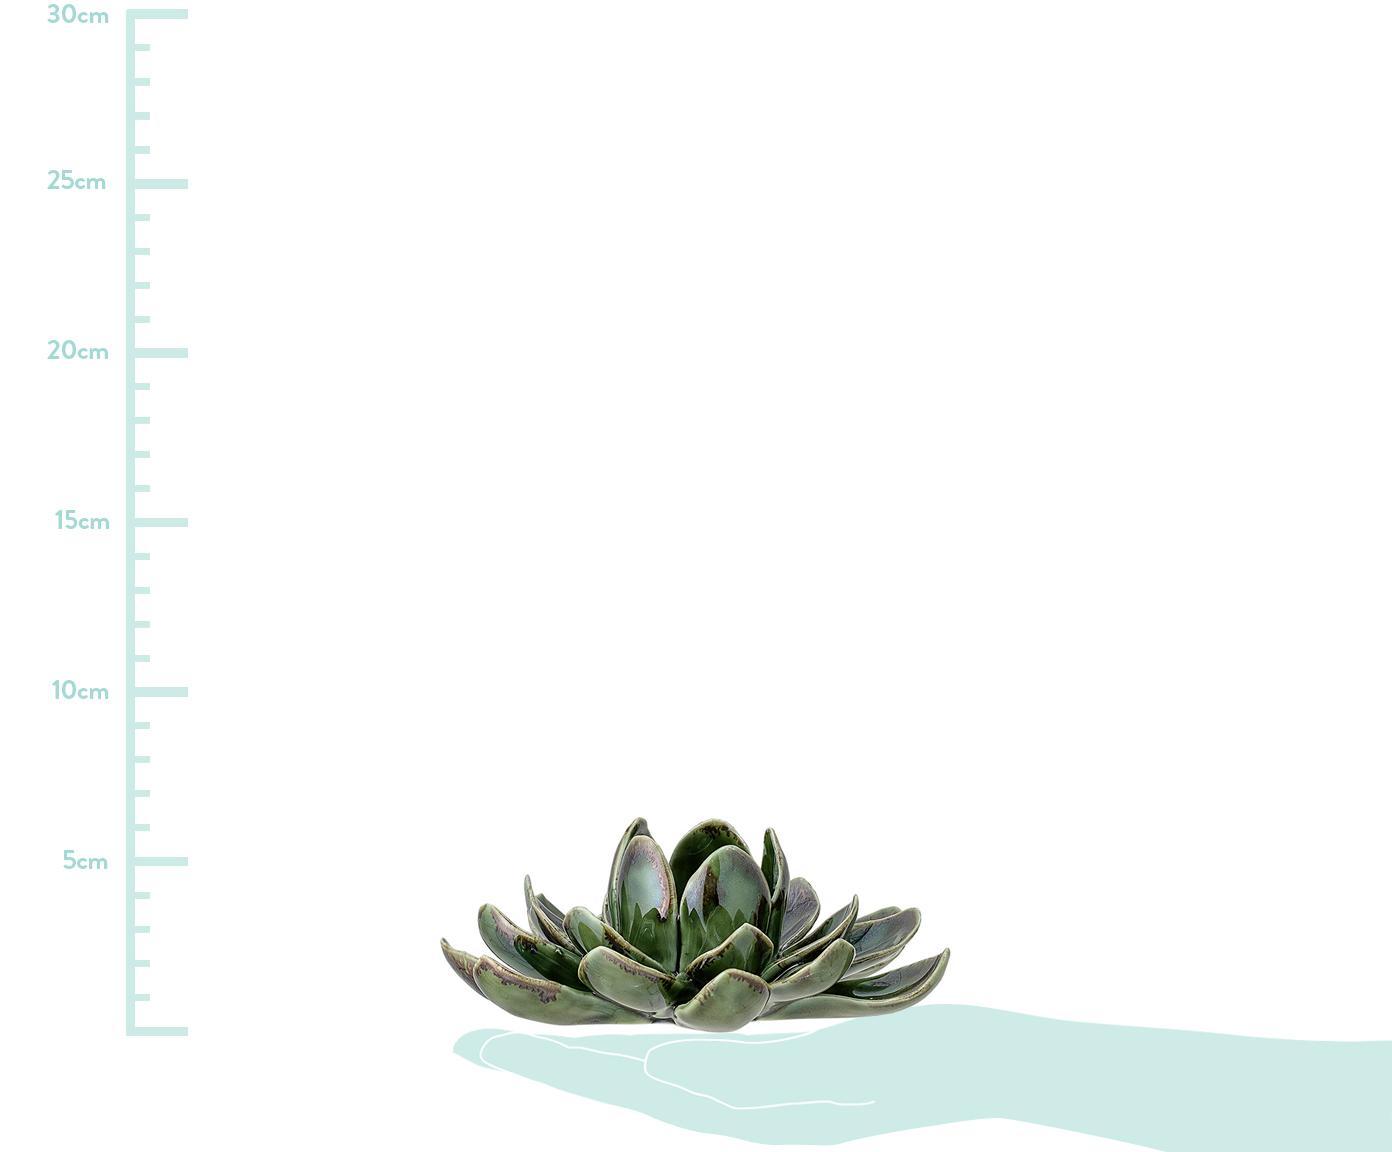 Handgefertigtes Teelichthalter-Set Gloria, 3-tlg. , Steingut, Grün, Verschiedene Grössen